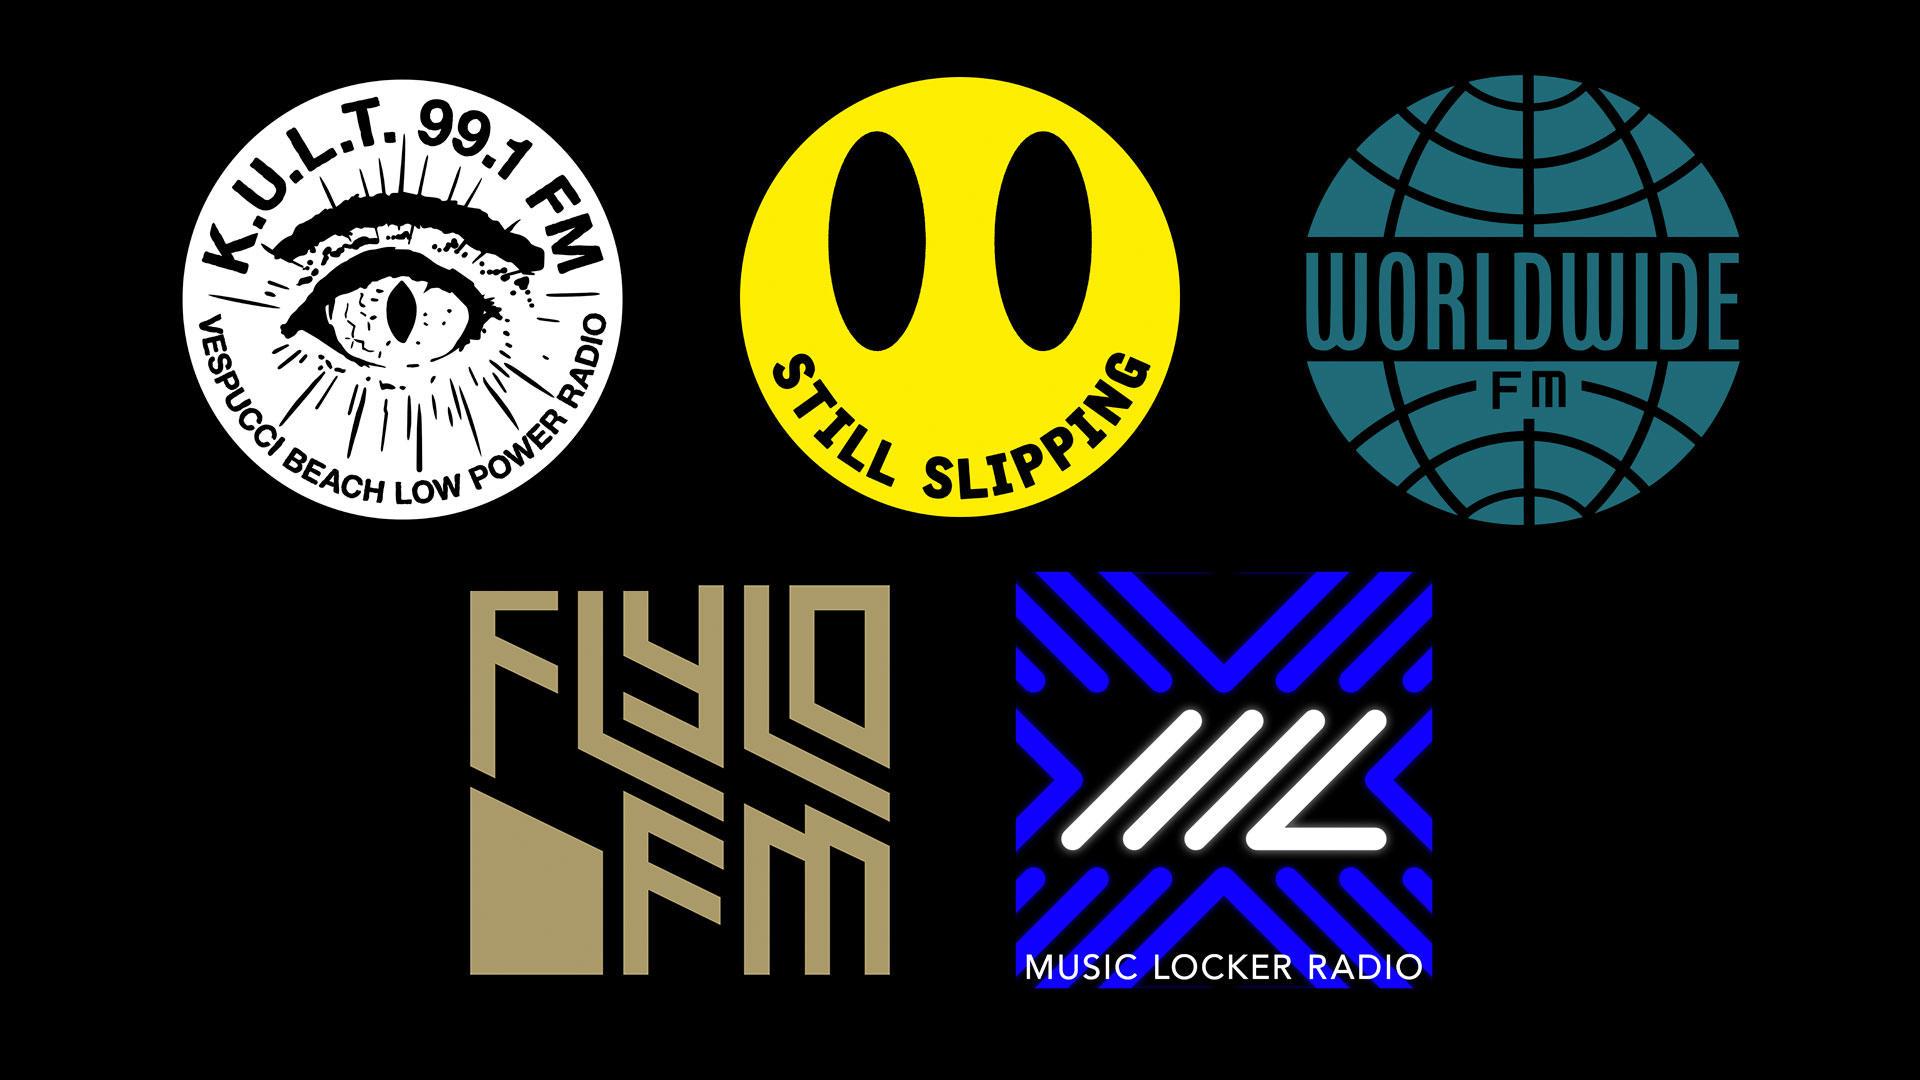 库尔特 FM,防松旧洛圣都 和音乐柜即将登陆电台插图